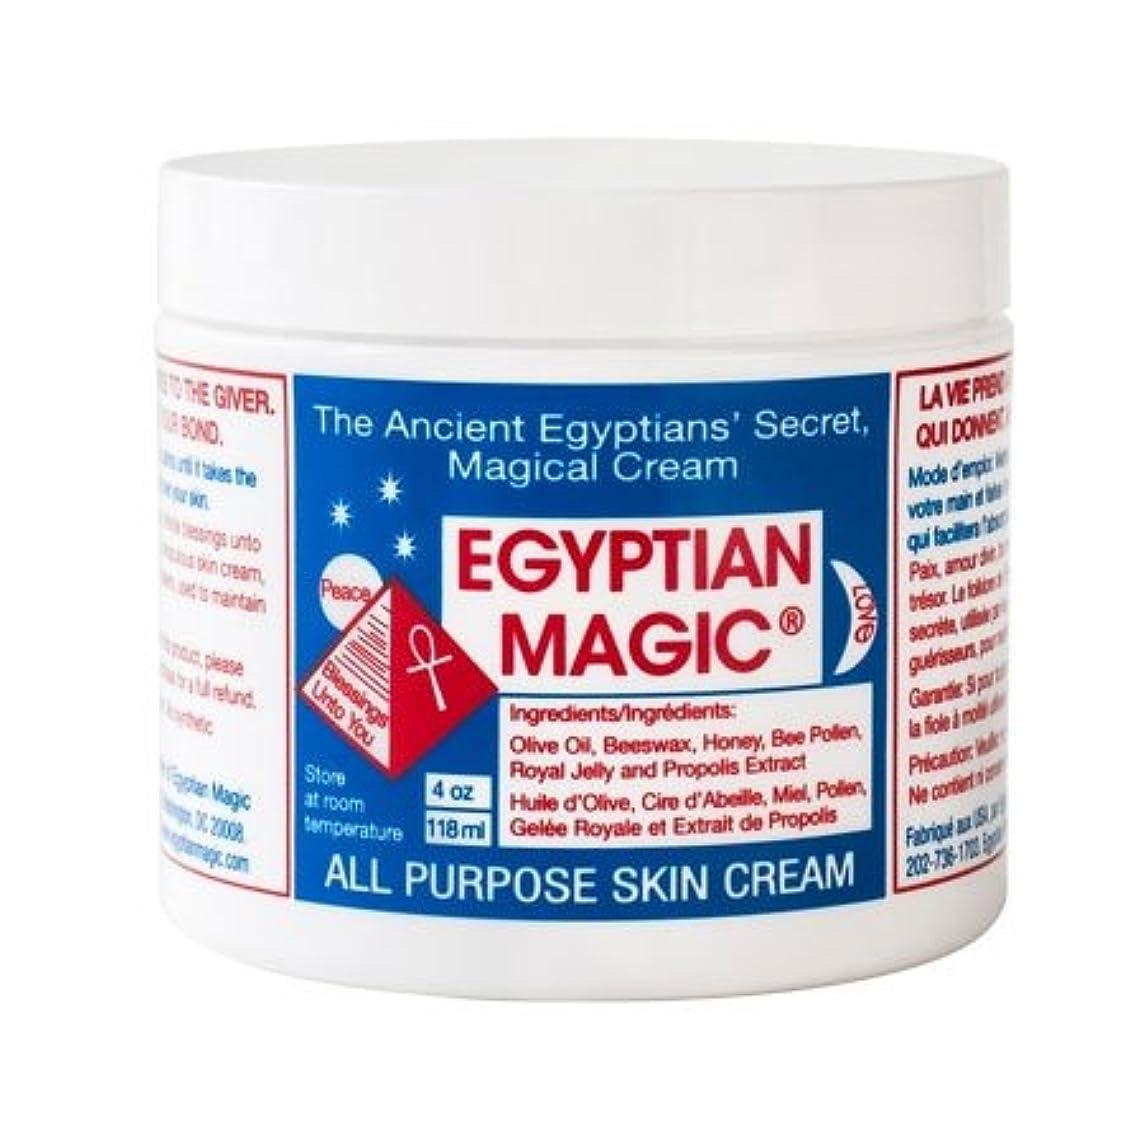 憂慮すべき息苦しい砂漠エジプシャンマジック エジプシャン マジック クリーム 118ml 海外仕様パッケージ